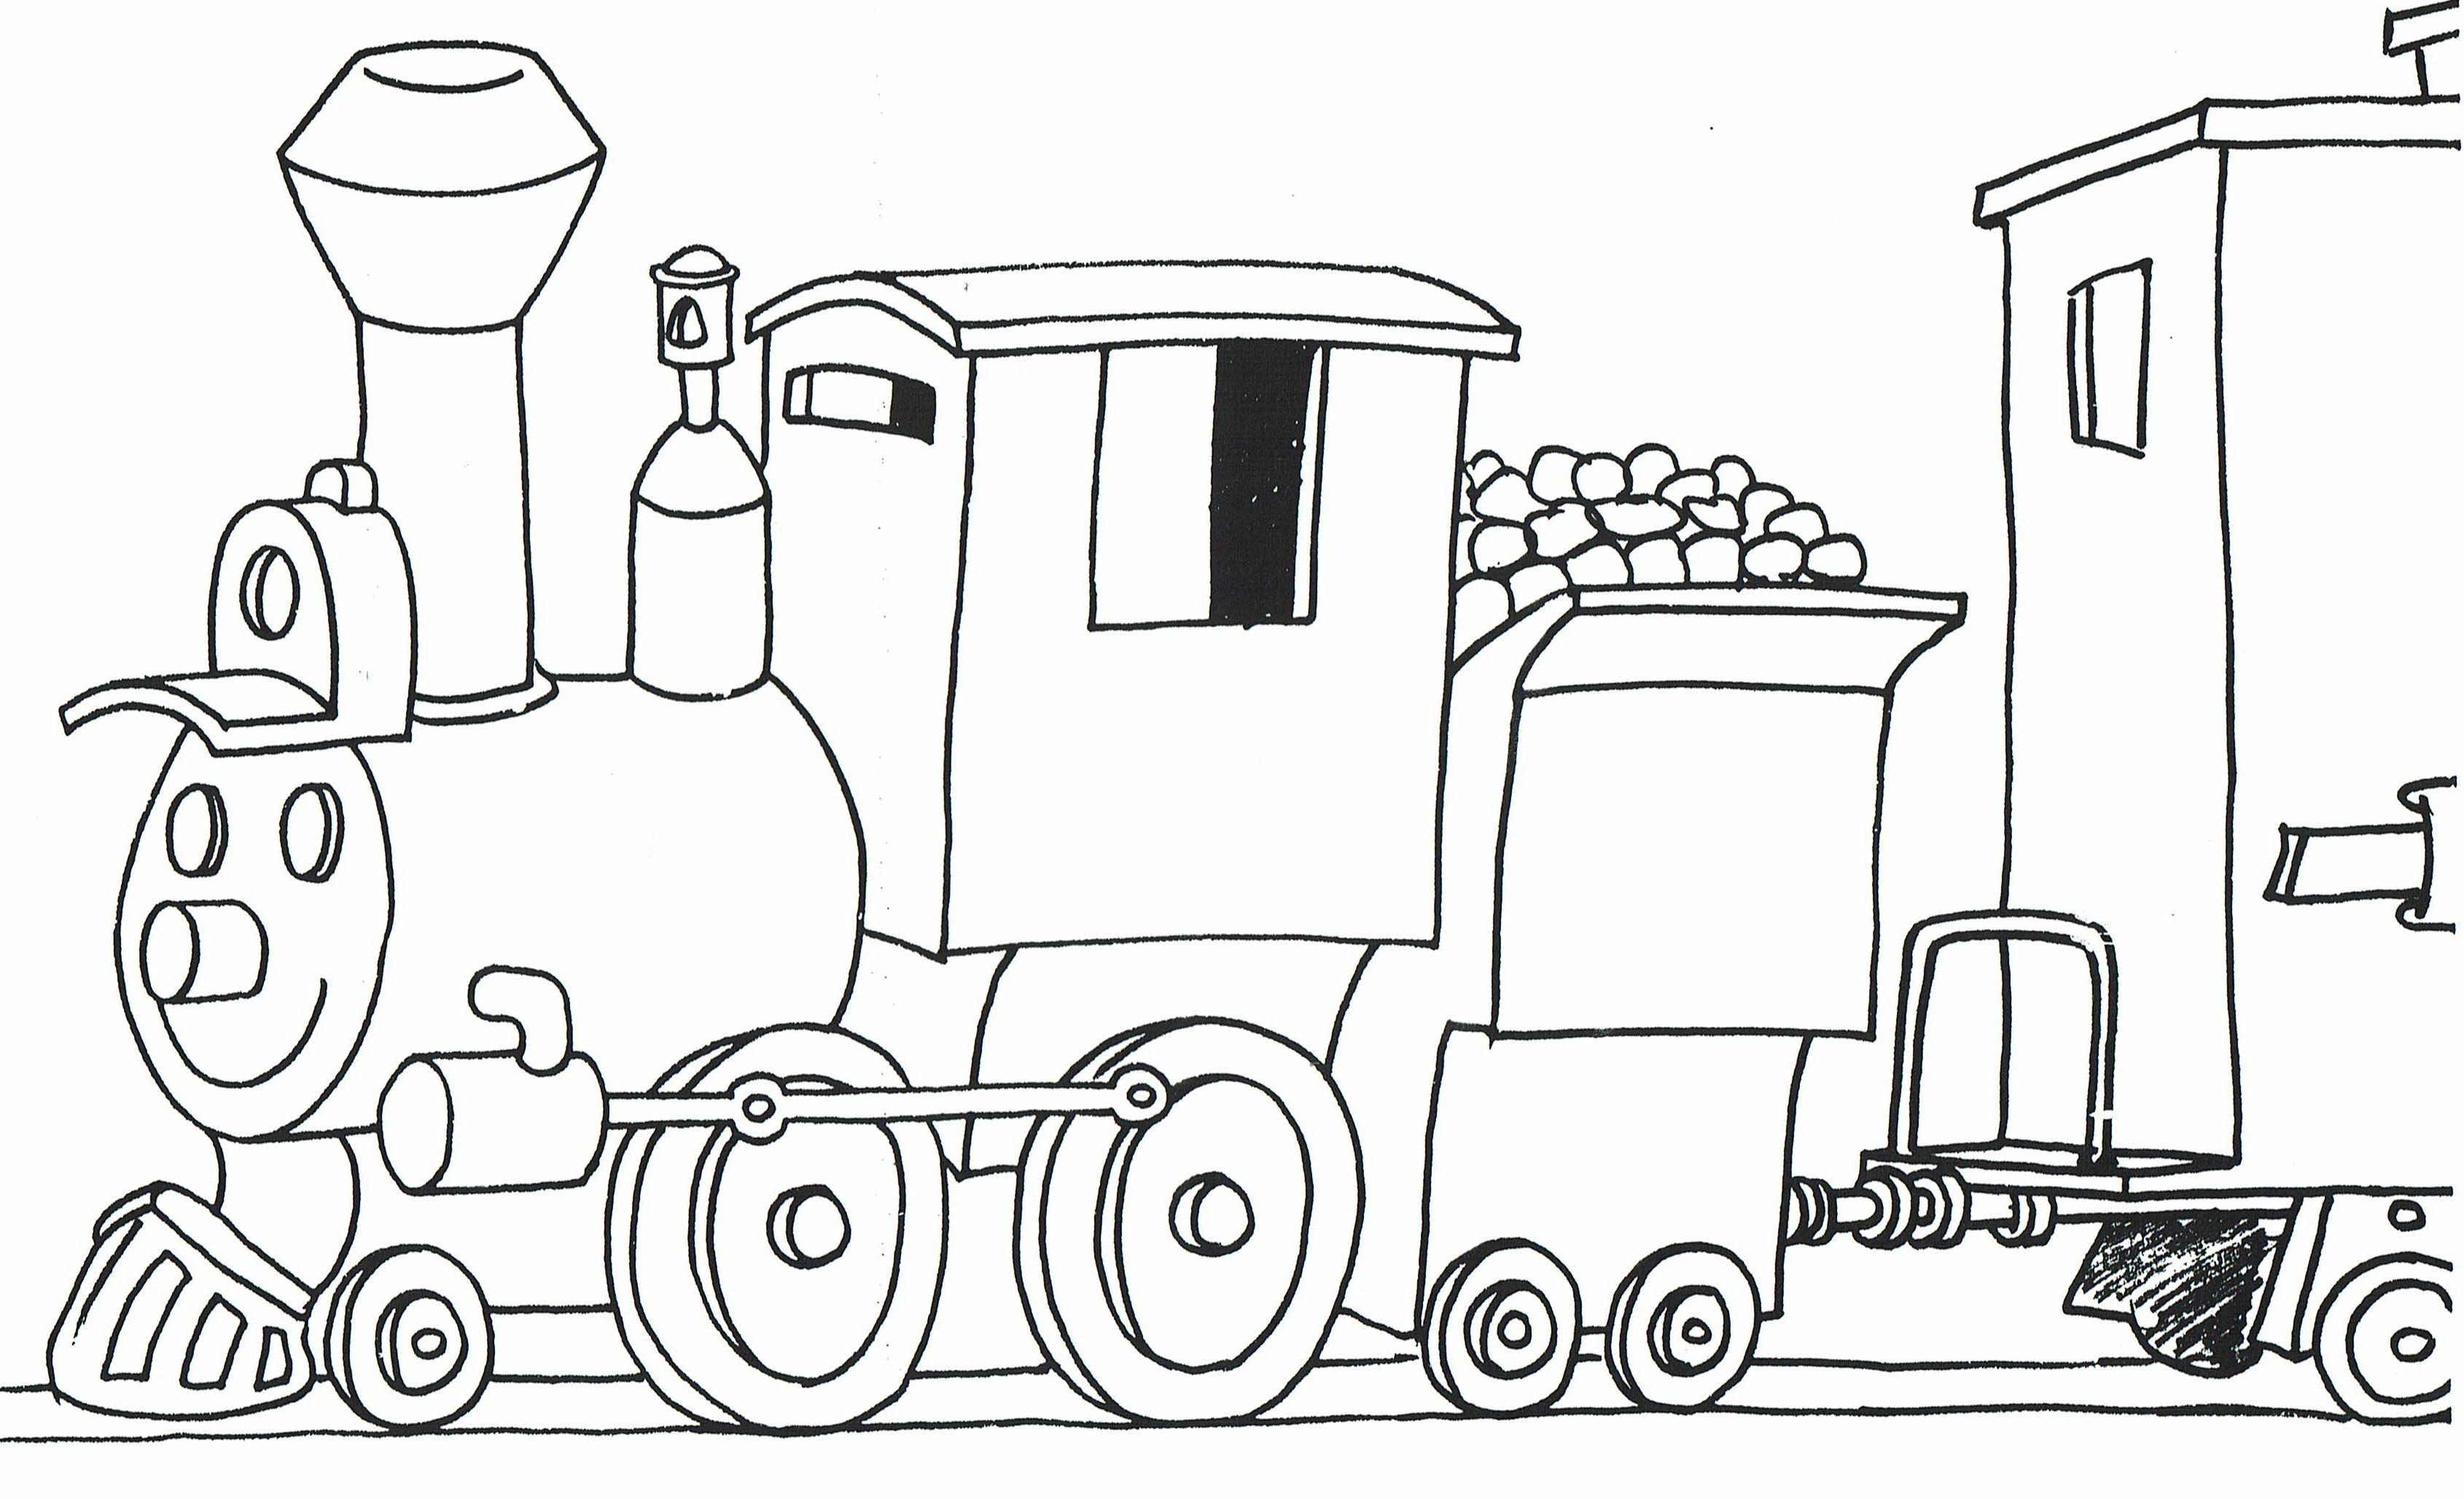 dibujosparacolorear #arteconclase #locomotora #disney ...